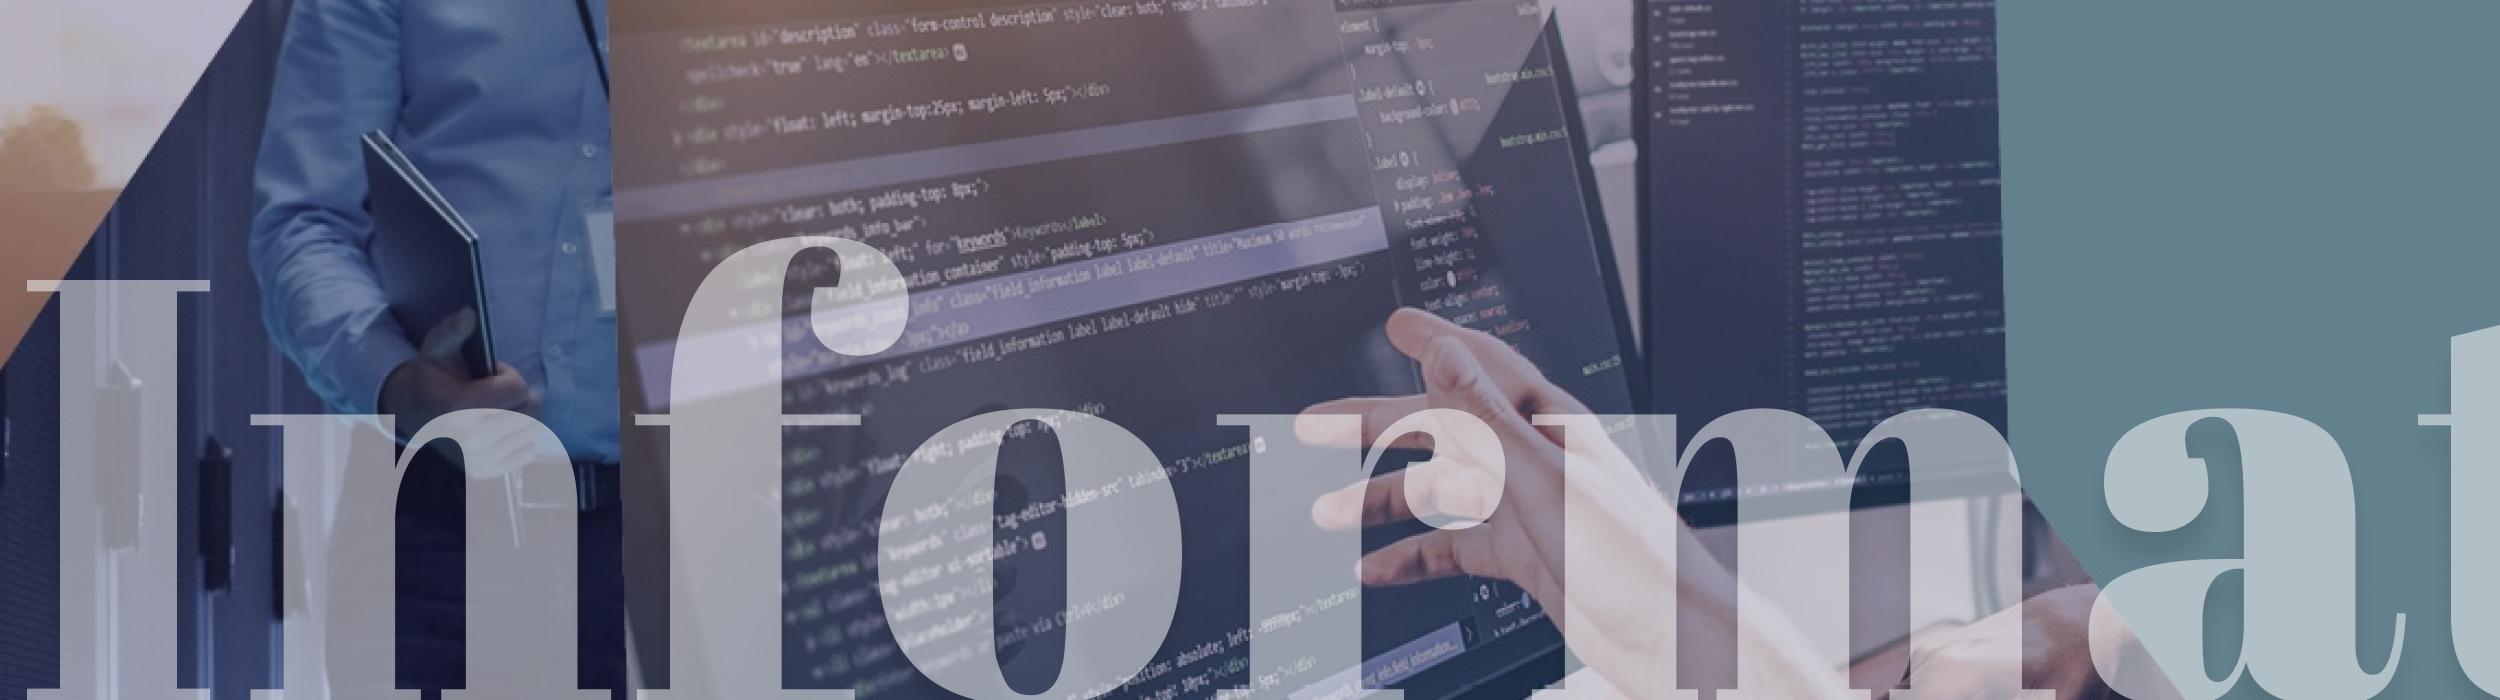 Penrose-header-informatietechnologie-tekst